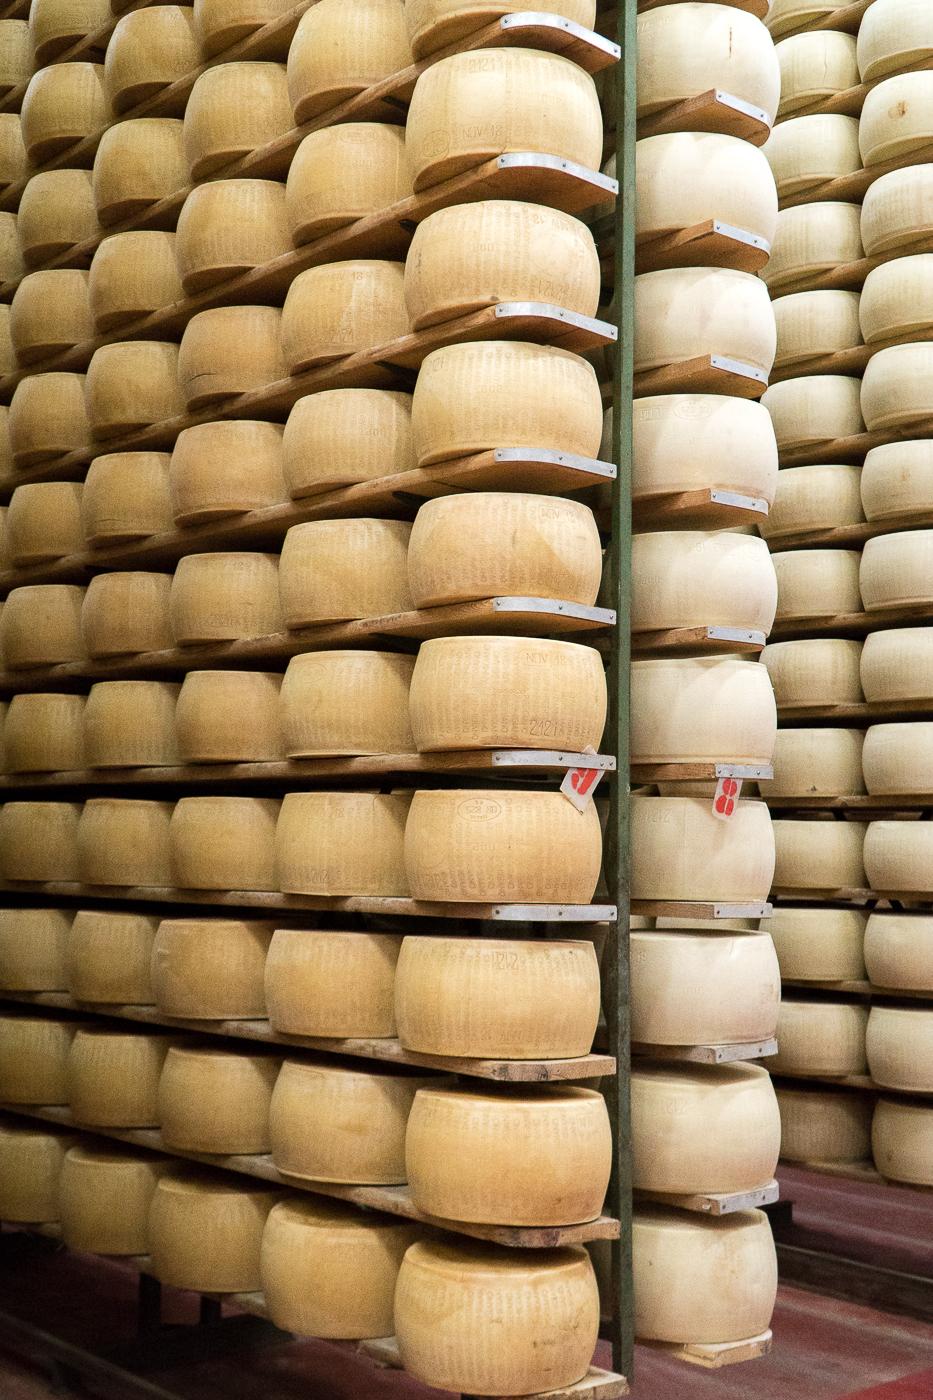 Étagères de meules de parmesan, Émilie-Romagne